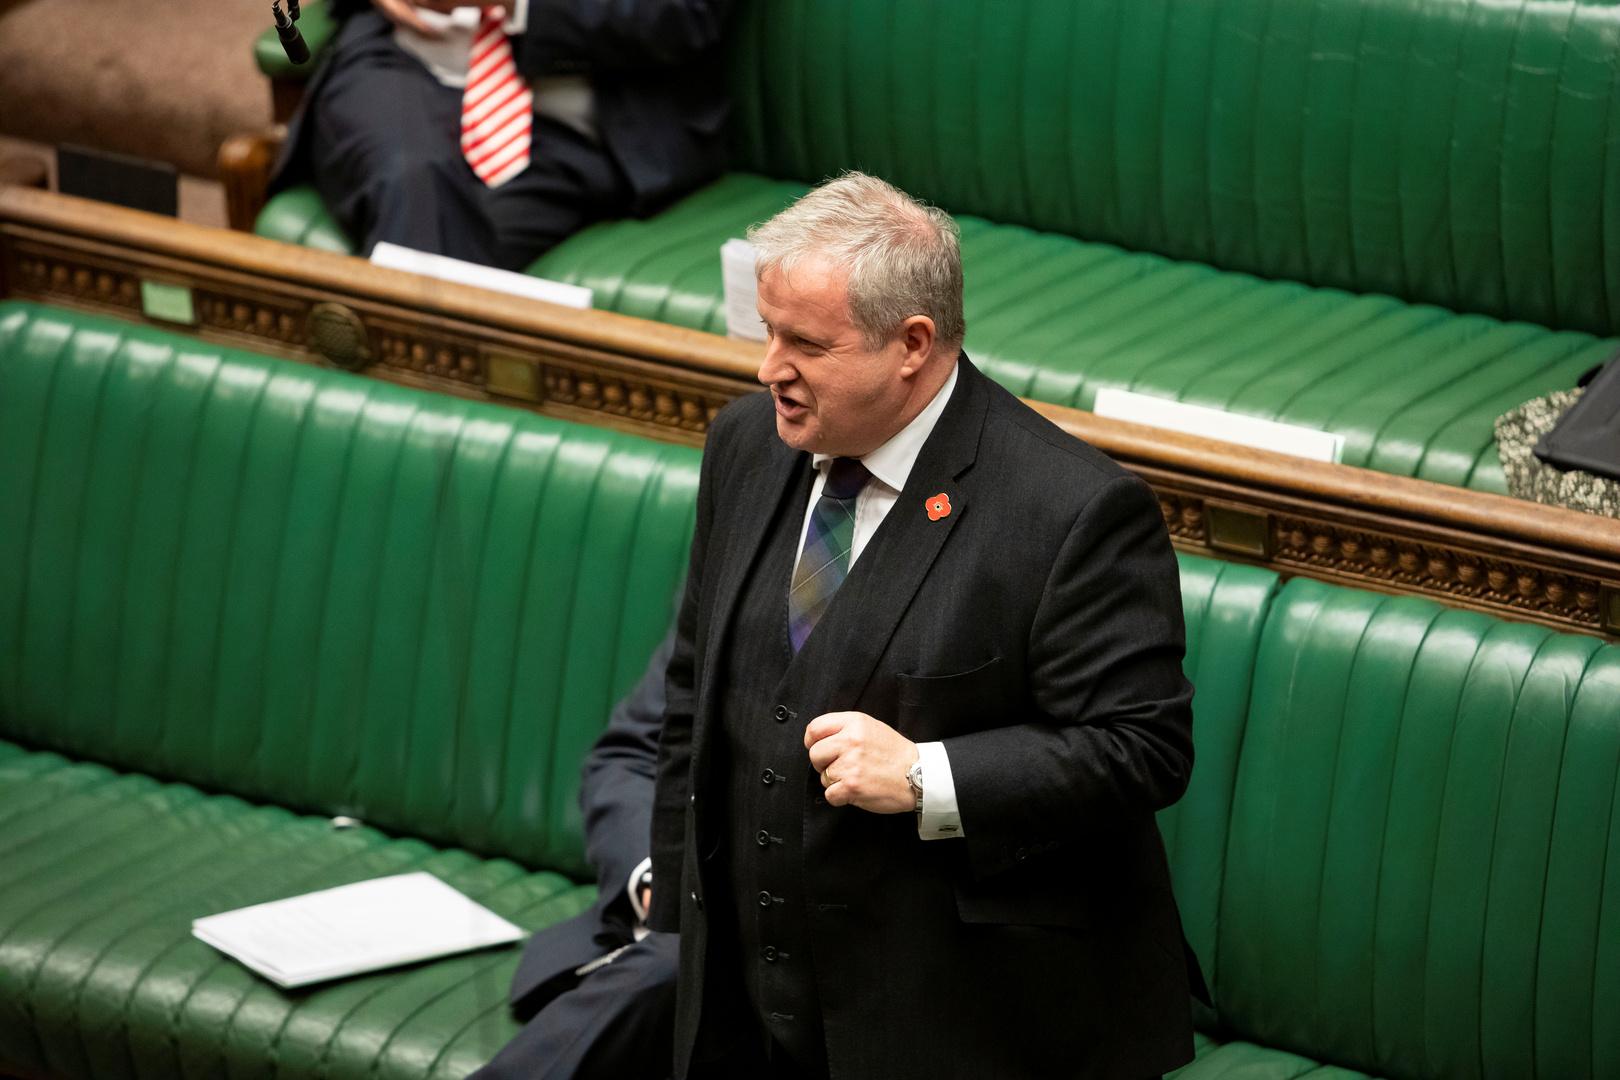 رئيس الحزب الوطني الاسكتلندي، إيان بلاكفورد